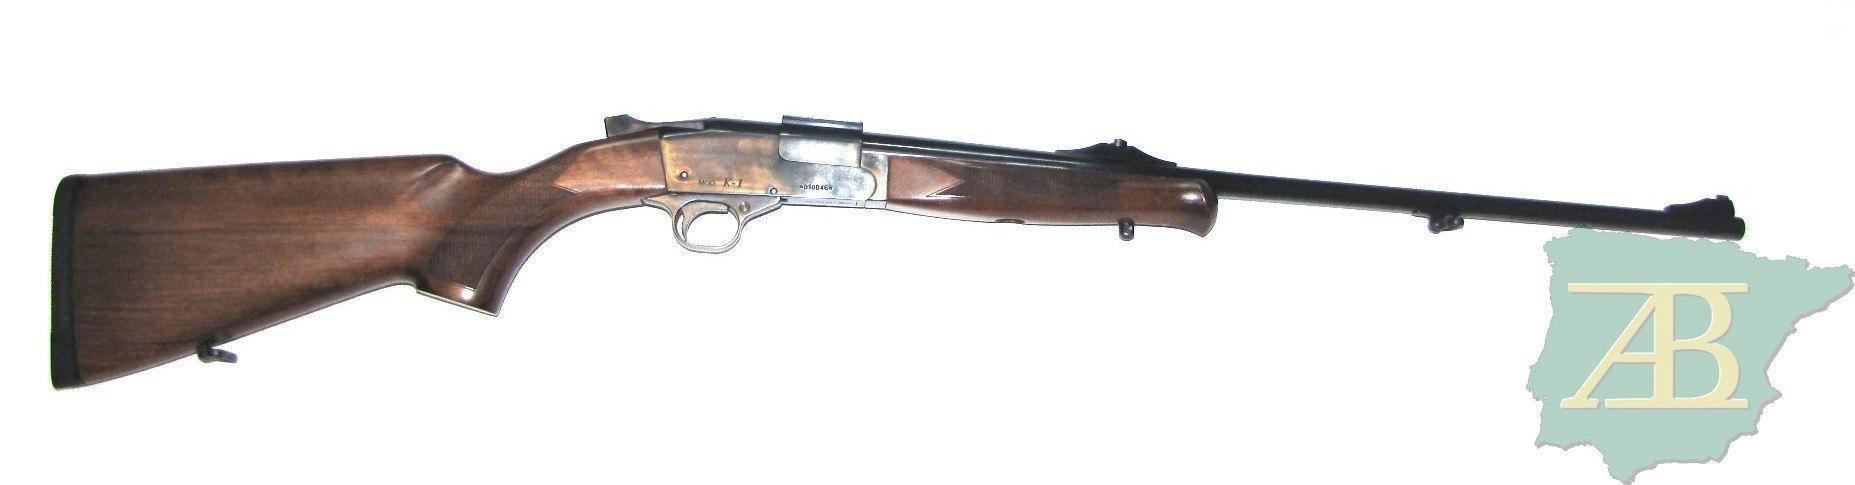 RIFLE MONOTIRO DE CAZA BRNO 6,5X57R Ref. 4530